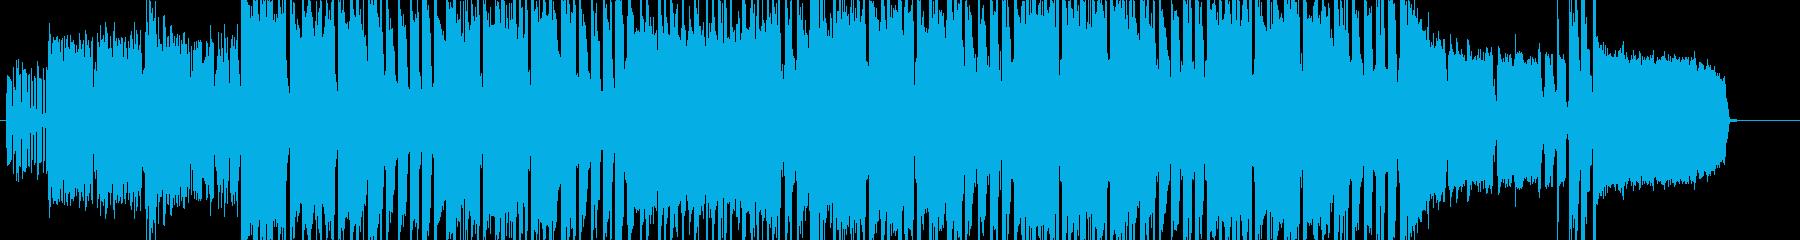 【生演奏】熱い戦闘シーンのロックBGMの再生済みの波形